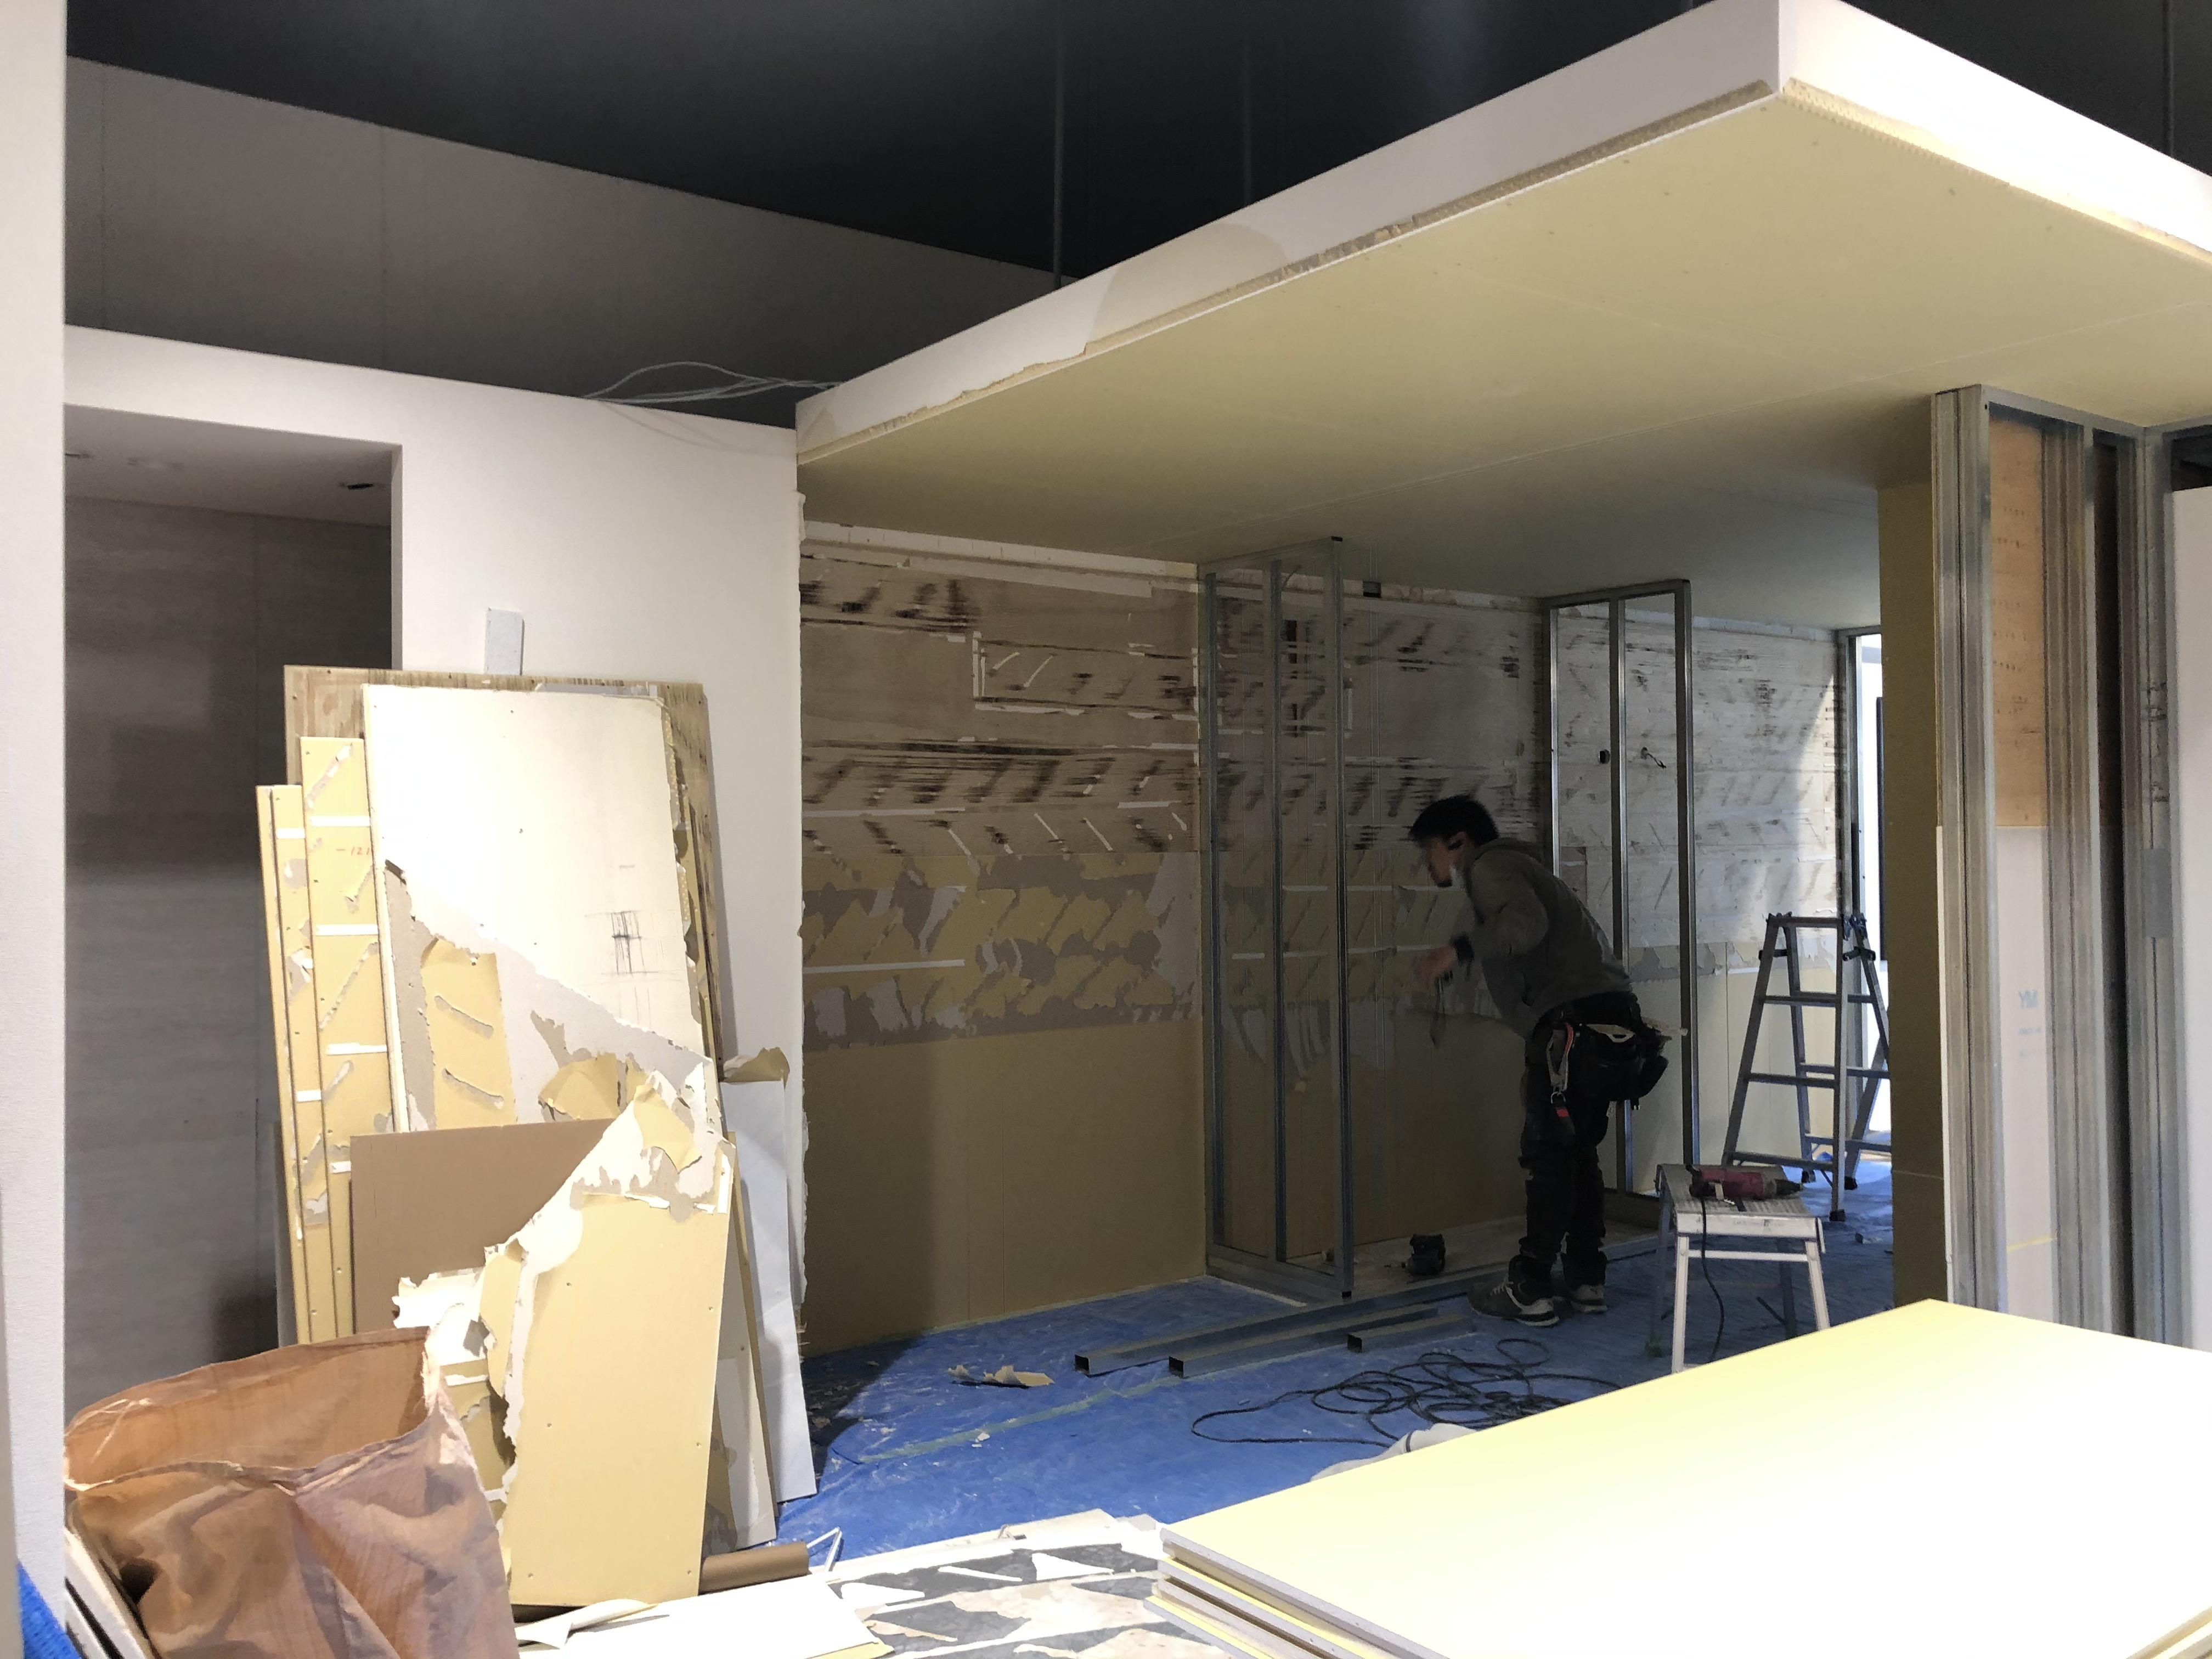 タカラスタンダード静岡ショールーム 3階改装工事